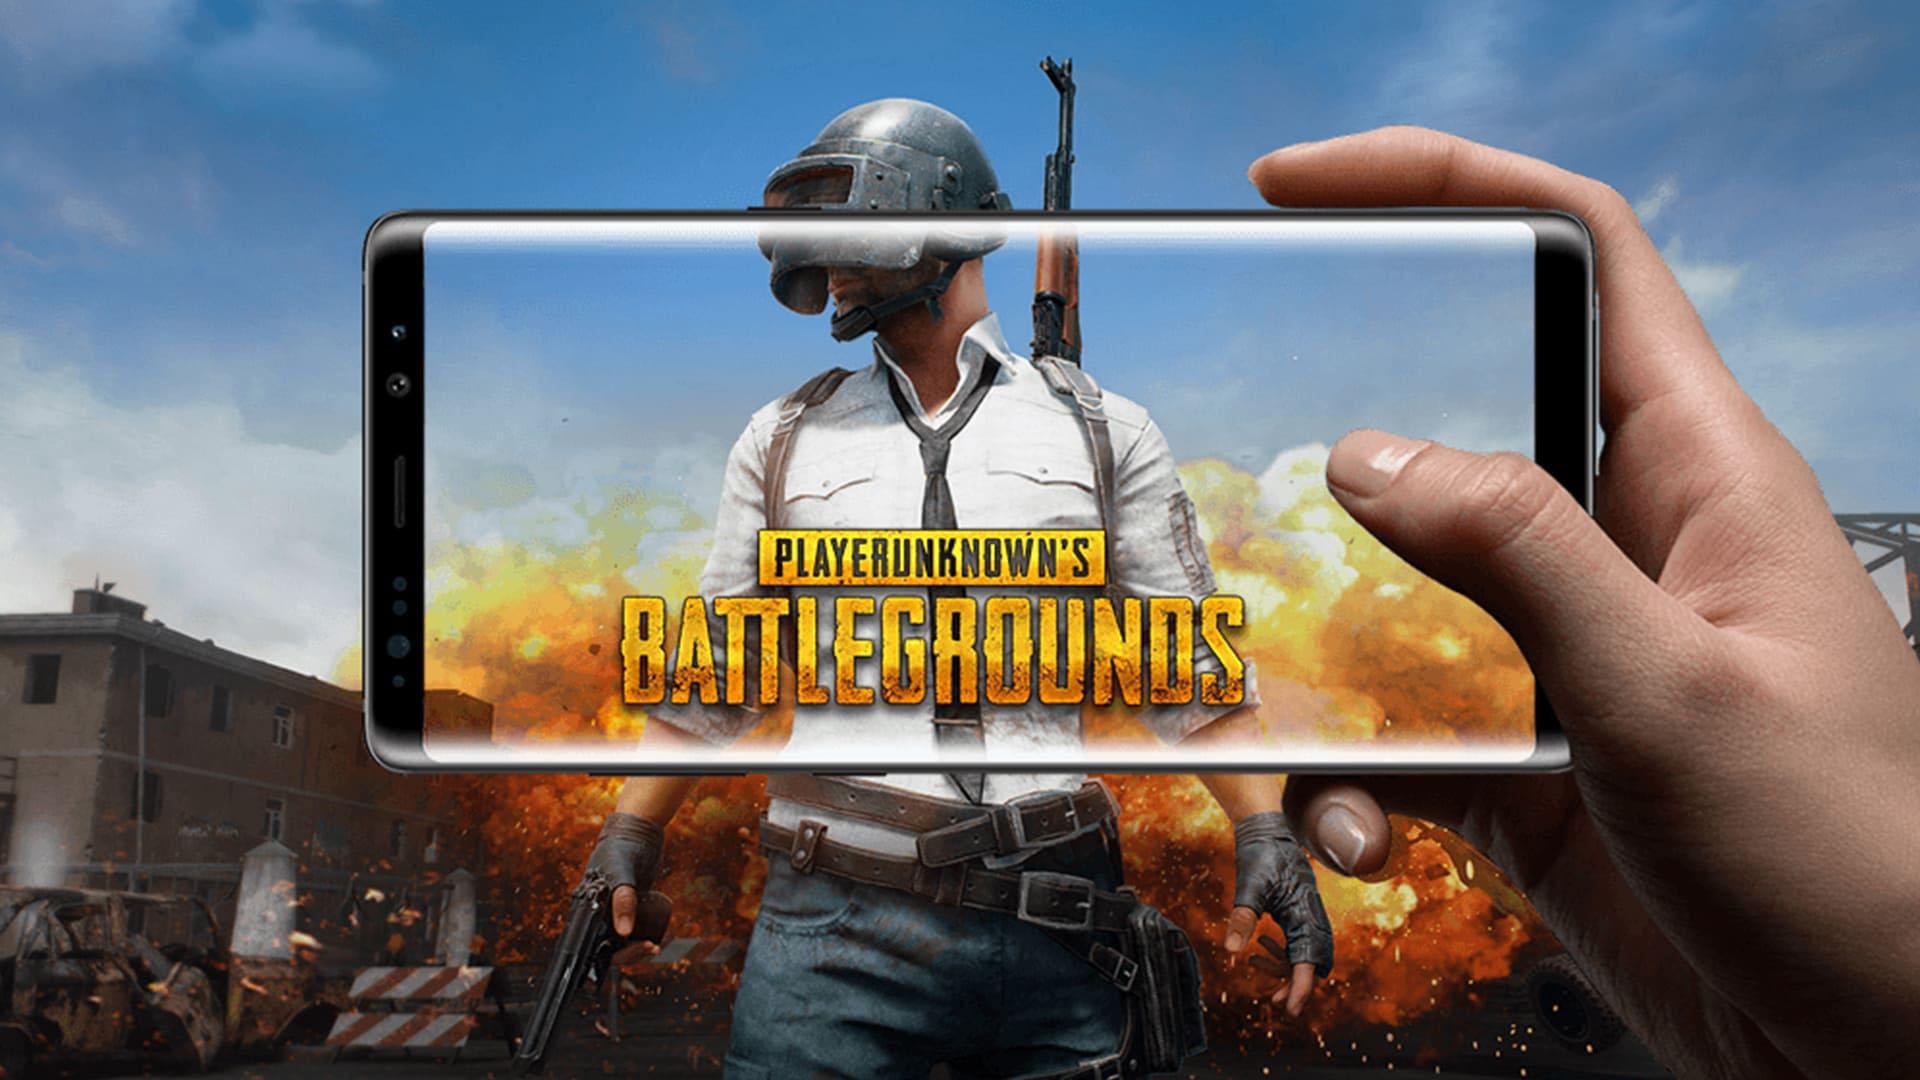 pubg mobile tencent